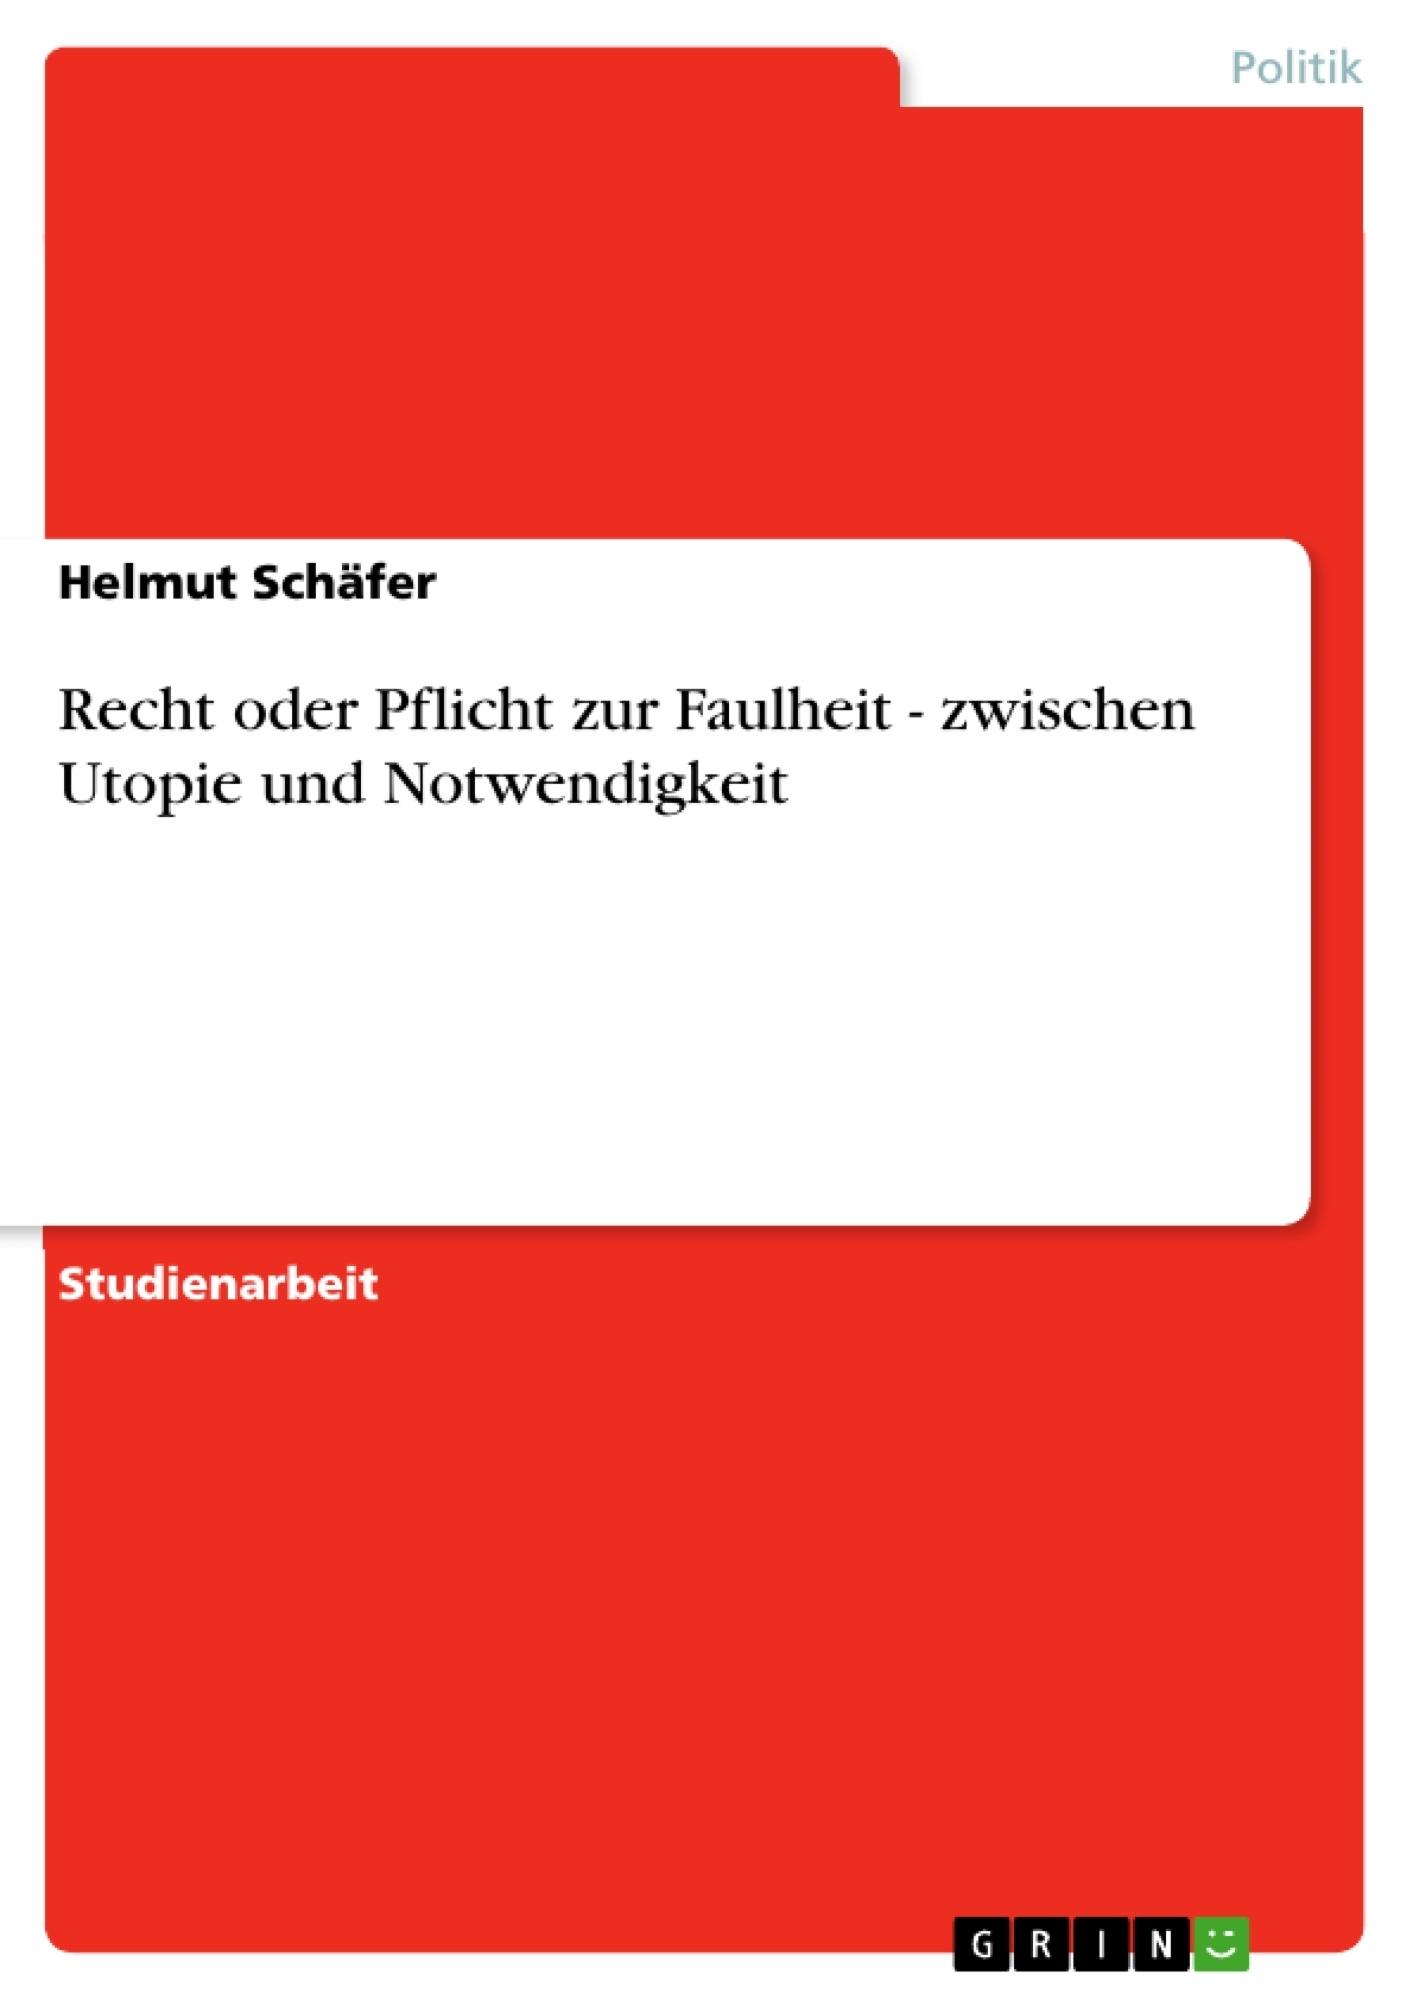 Titel: Recht oder Pflicht zur Faulheit - zwischen Utopie und Notwendigkeit